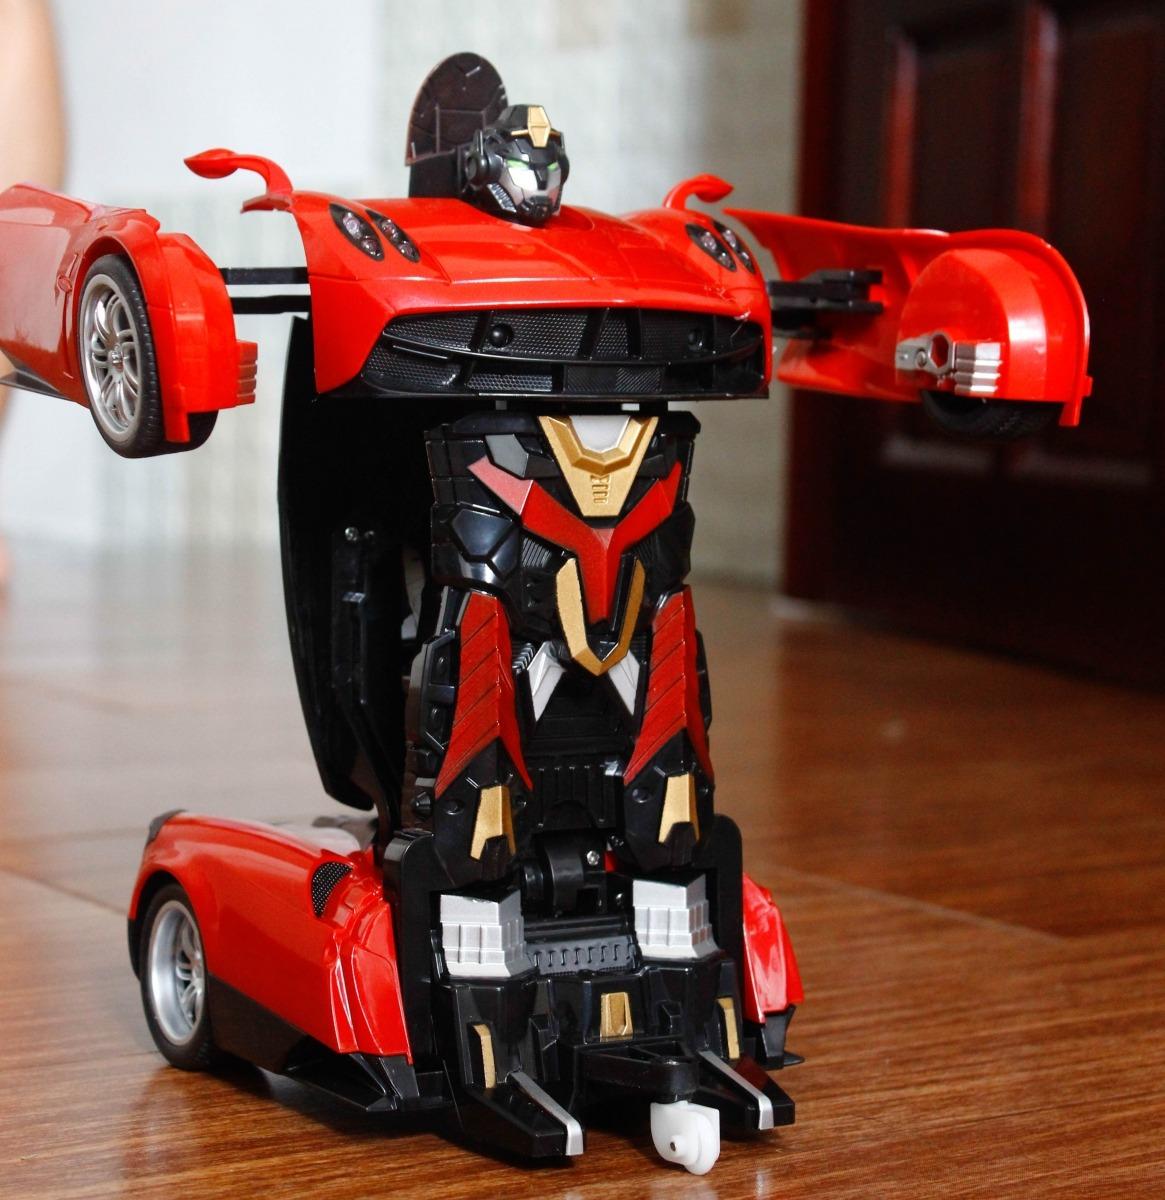 bán đồ chơi xe robot biến hình giá rẻ đẹp độc ở hcm 0012